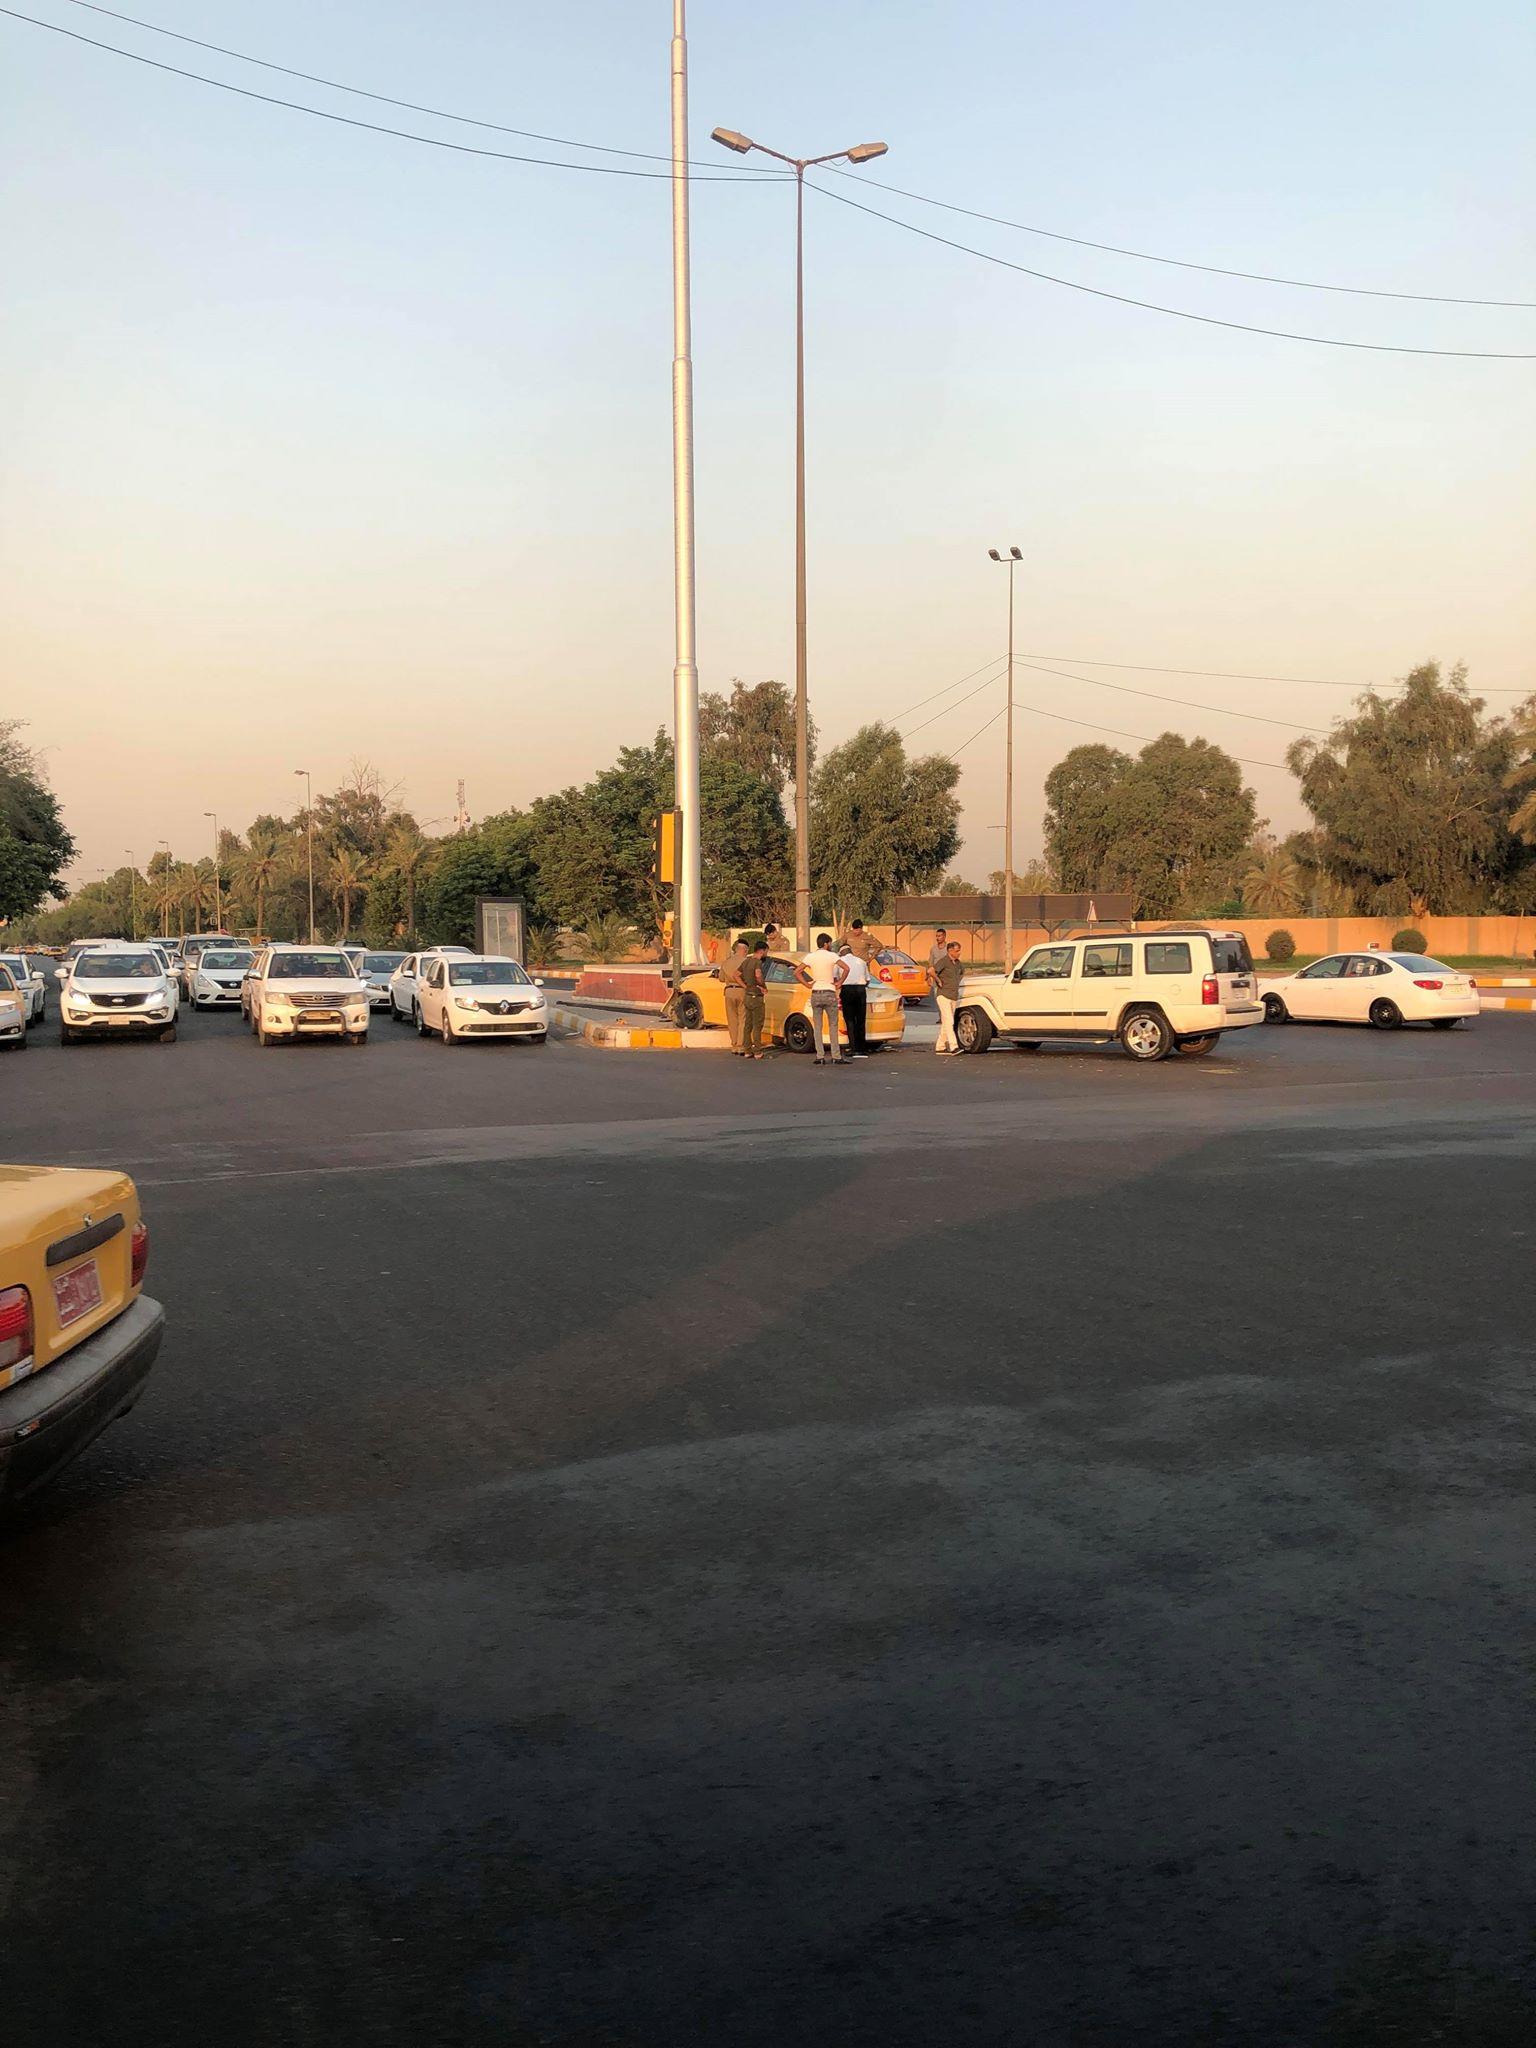 حادث مروري قرب رئاسة الوزراء: سيارة أجرة قفزت فوق الجزرة